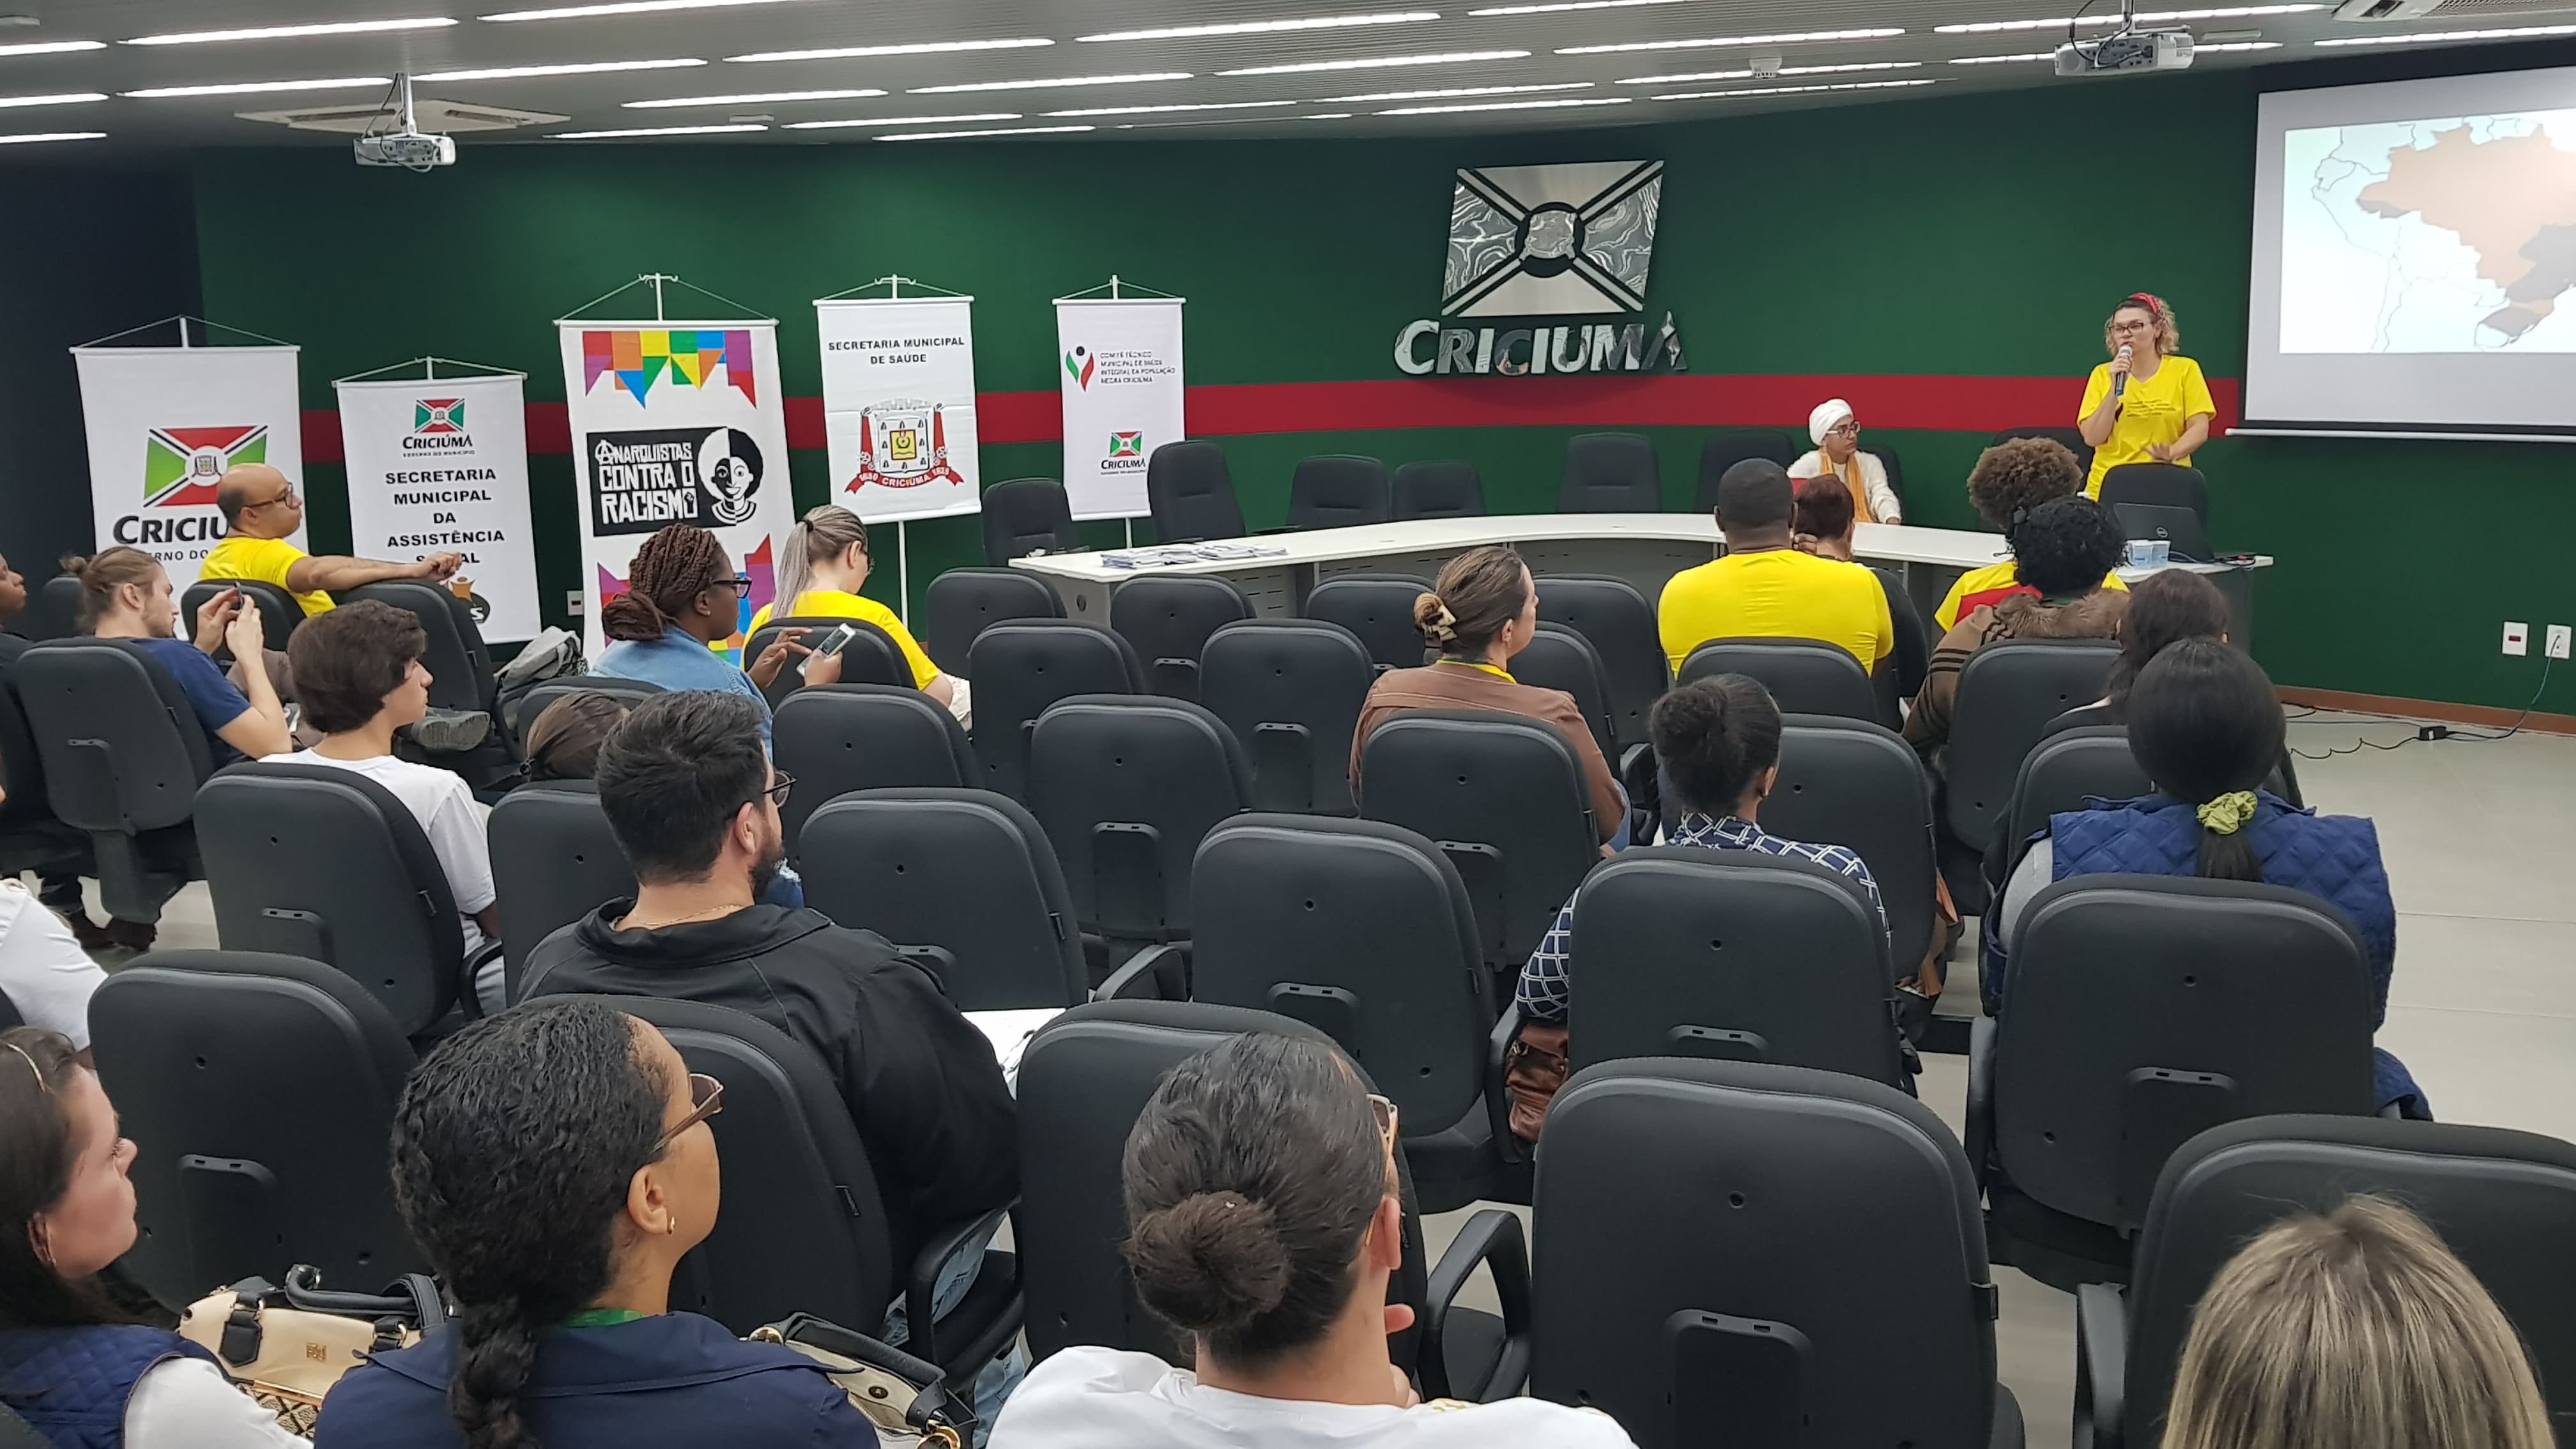 Prefeitura Municipal de Criciúma - 1° Seminário de Saúde Integral da População Negra é realizado em Criciúma